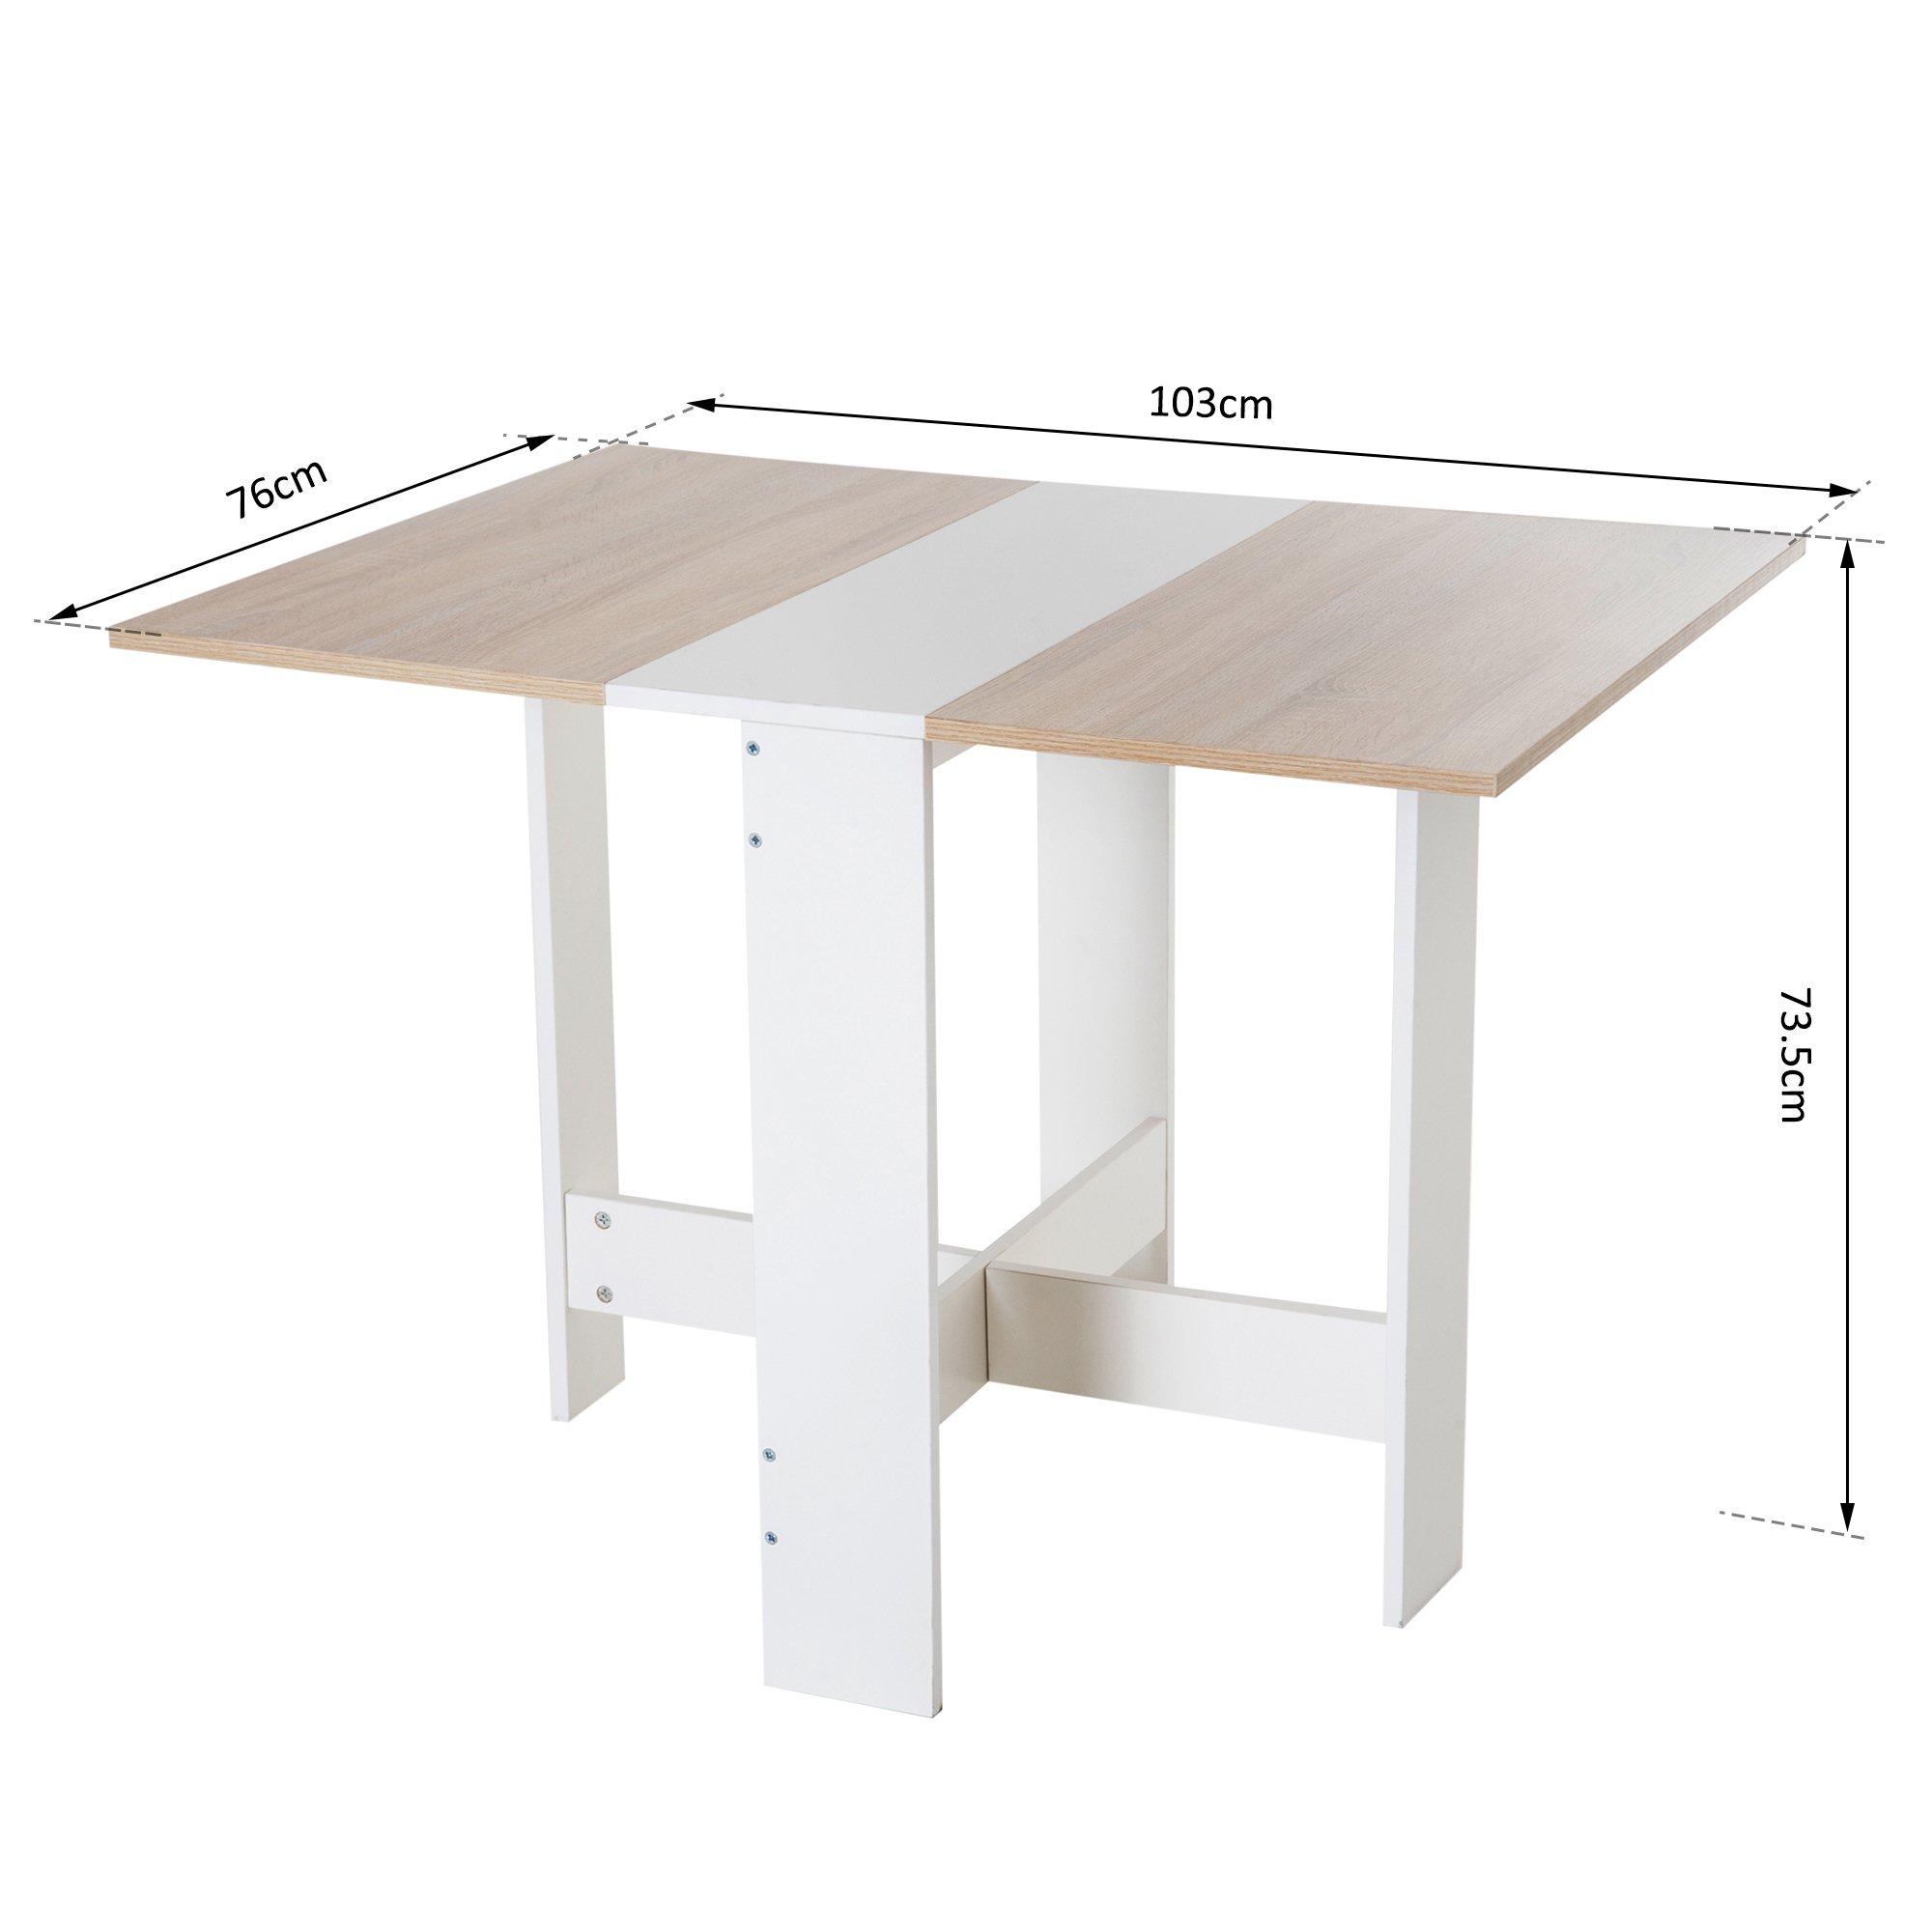 baratas para la venta belleza realmente cómodo mesa abatible ...